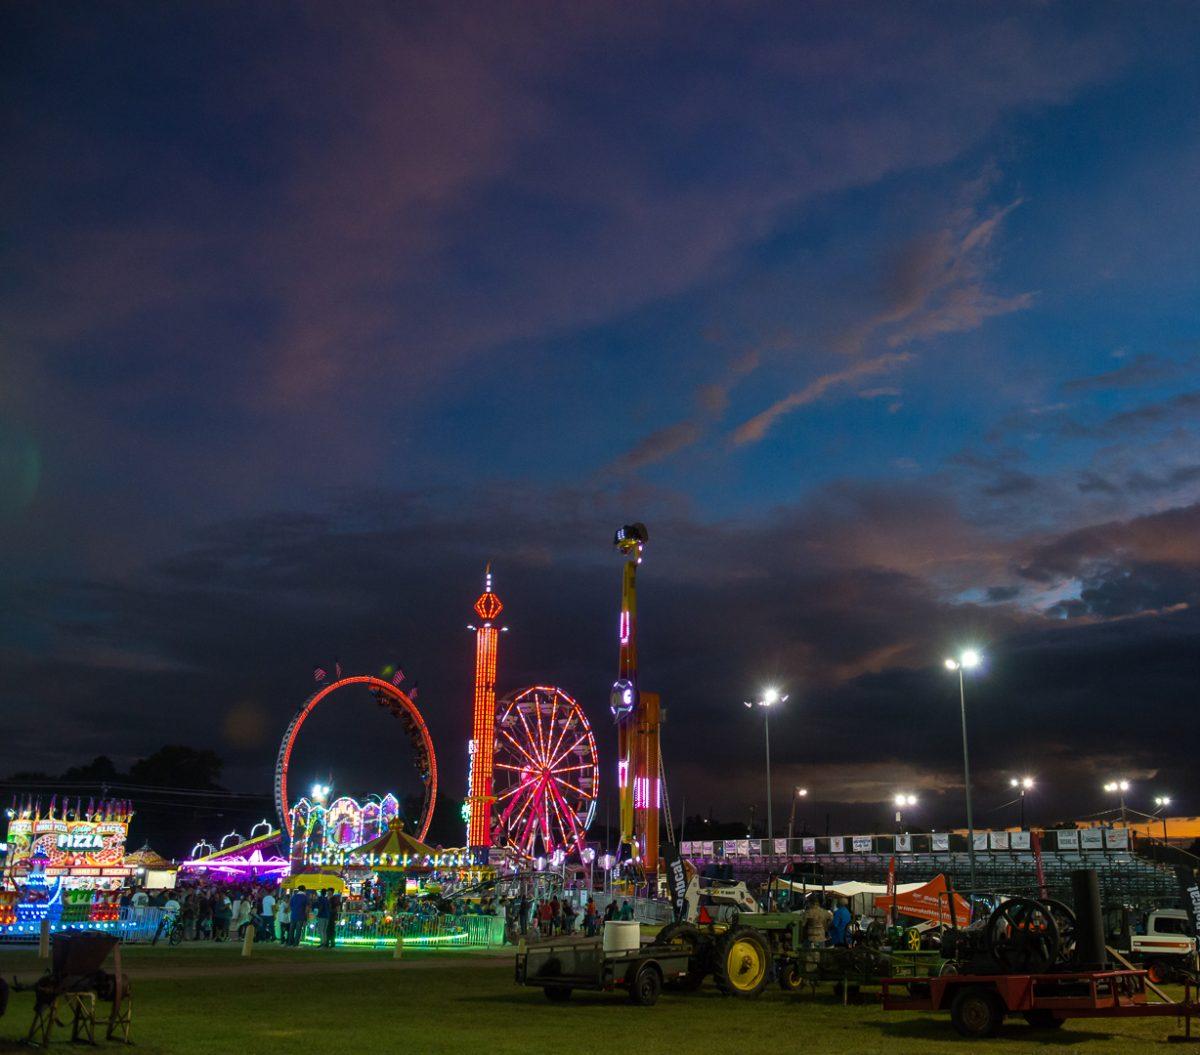 The Washington County Fair